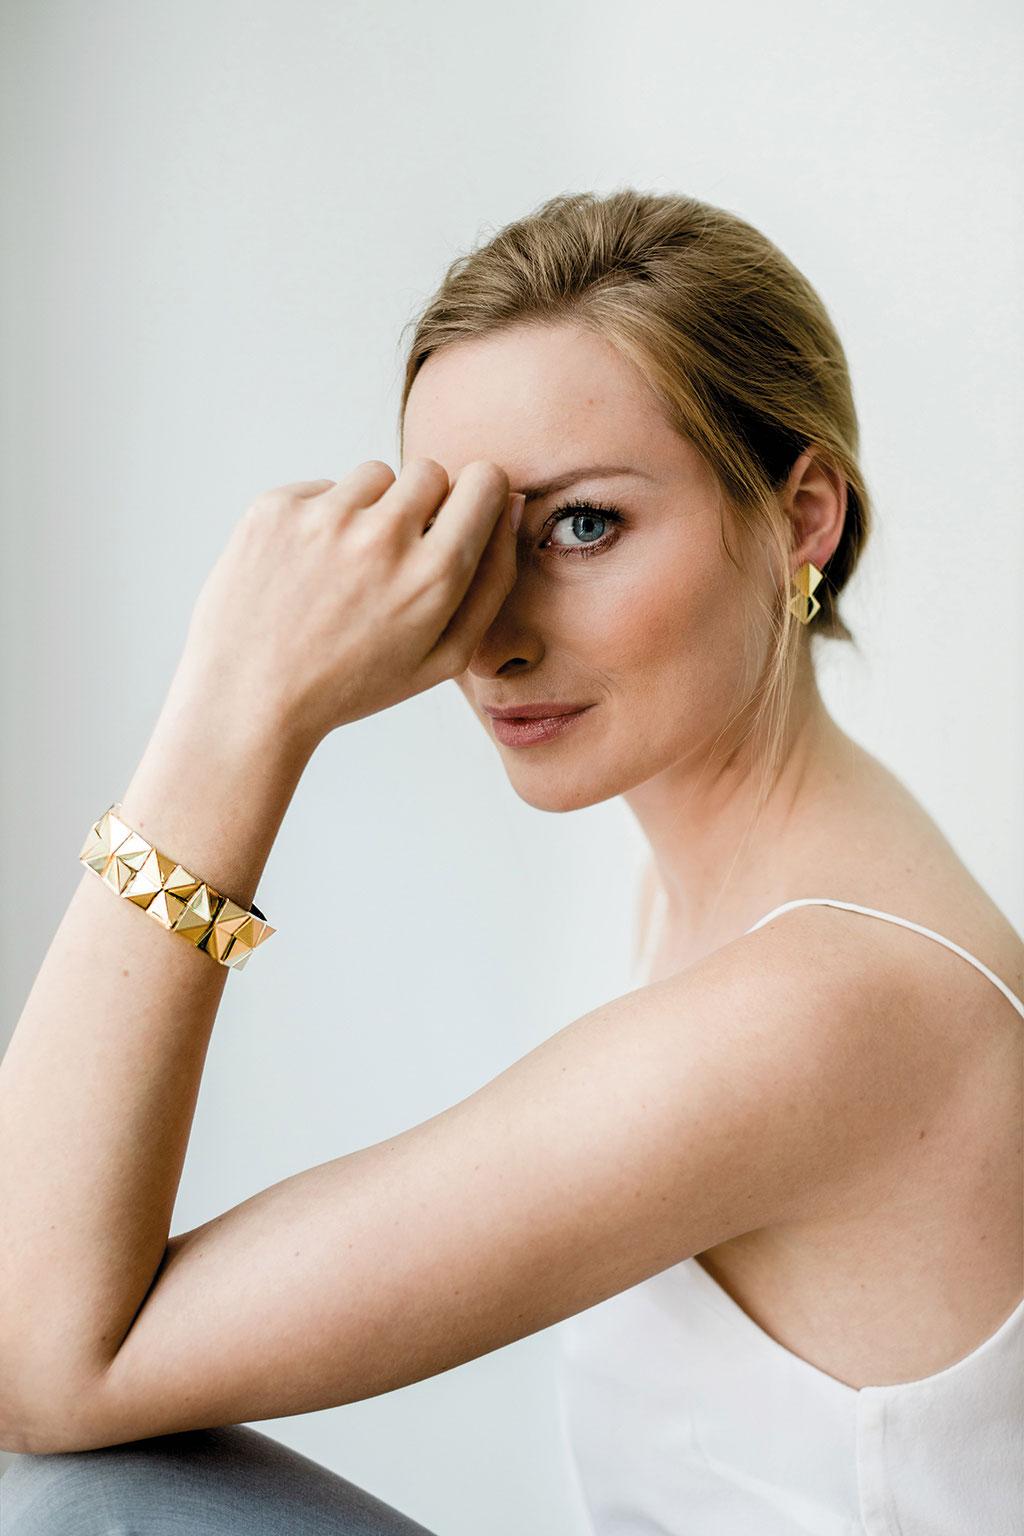 zweireihiges Armband 9.900 Euro, und zweiteiliger Ohrschmuck (Oberteile 690 Euro, Unterteile 690 Euro) Foto: Theresa Pewal